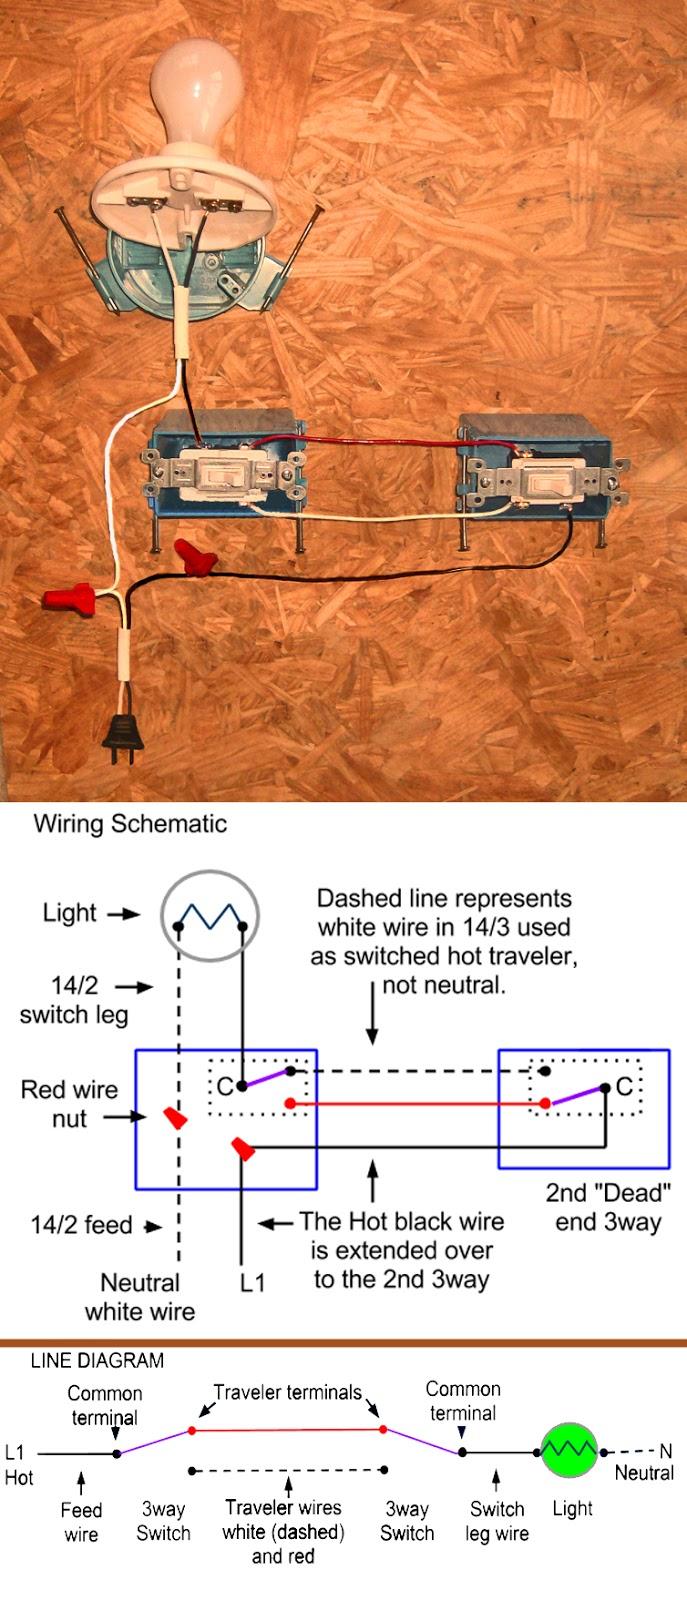 12 Volt 3 Way Switch Wiring Diagram : switch, wiring, diagram, Switch, Wiring, Methods:, Radical